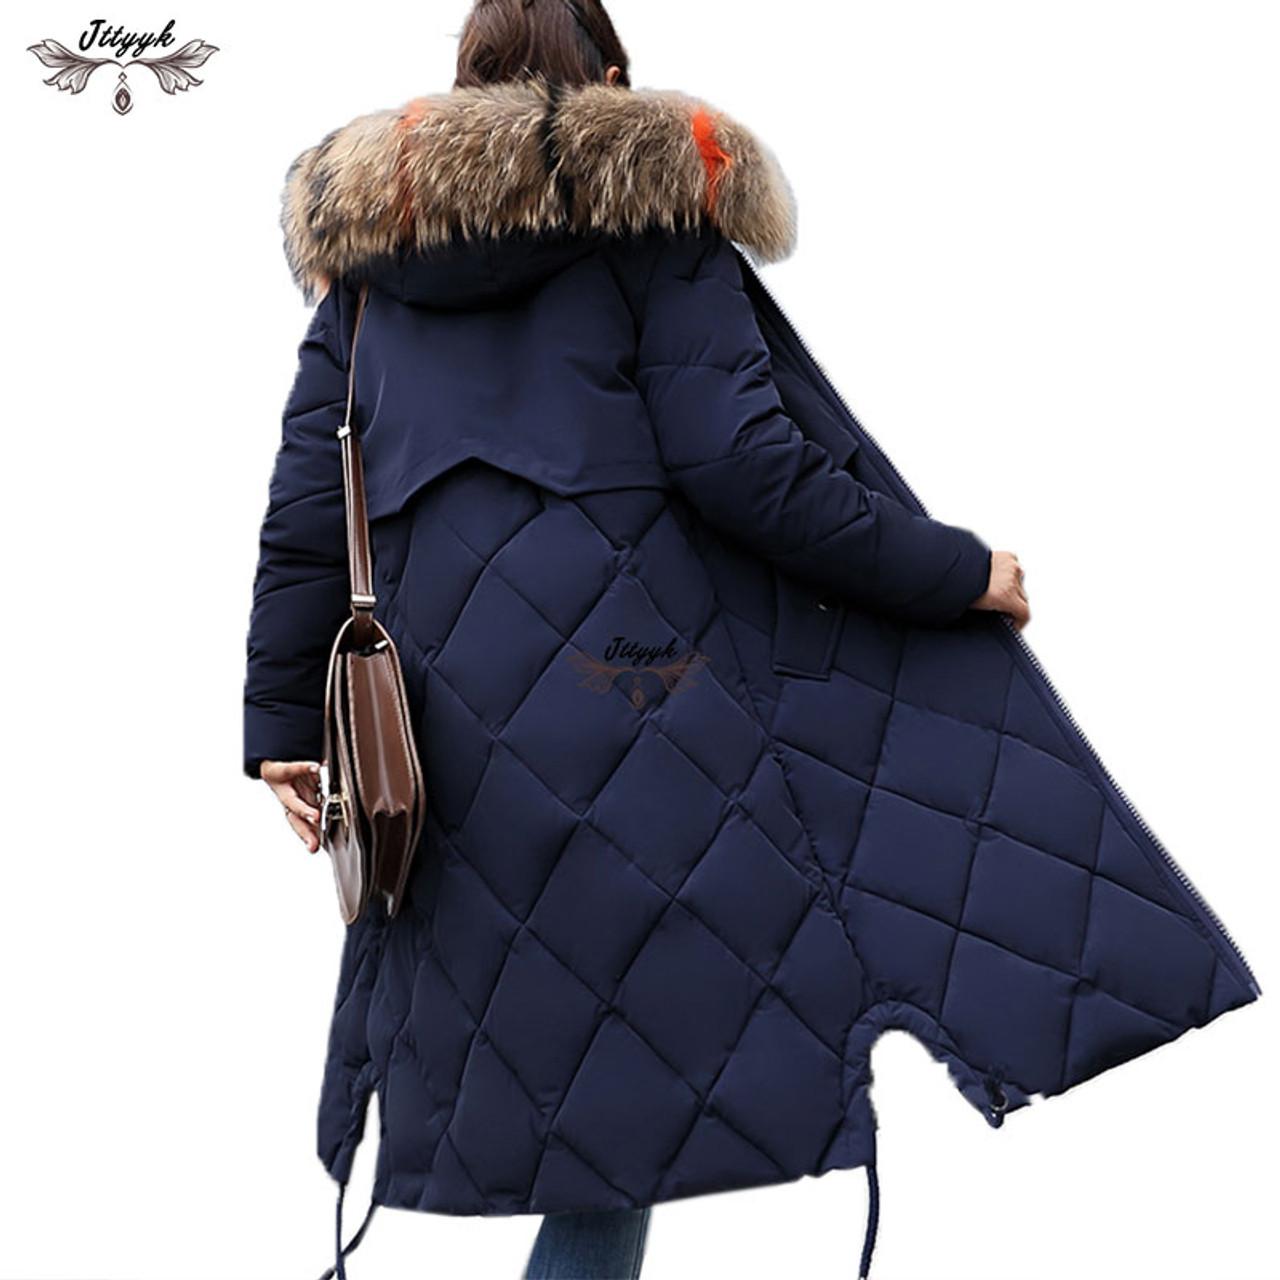 370d8c15 Plus-Size-Winter-Women -Jacket-Coat-Big-Fur-Hooded-Warm-Winter-Parka-Jackets-Long-Thicken-Down__58278.1544769607.jpg